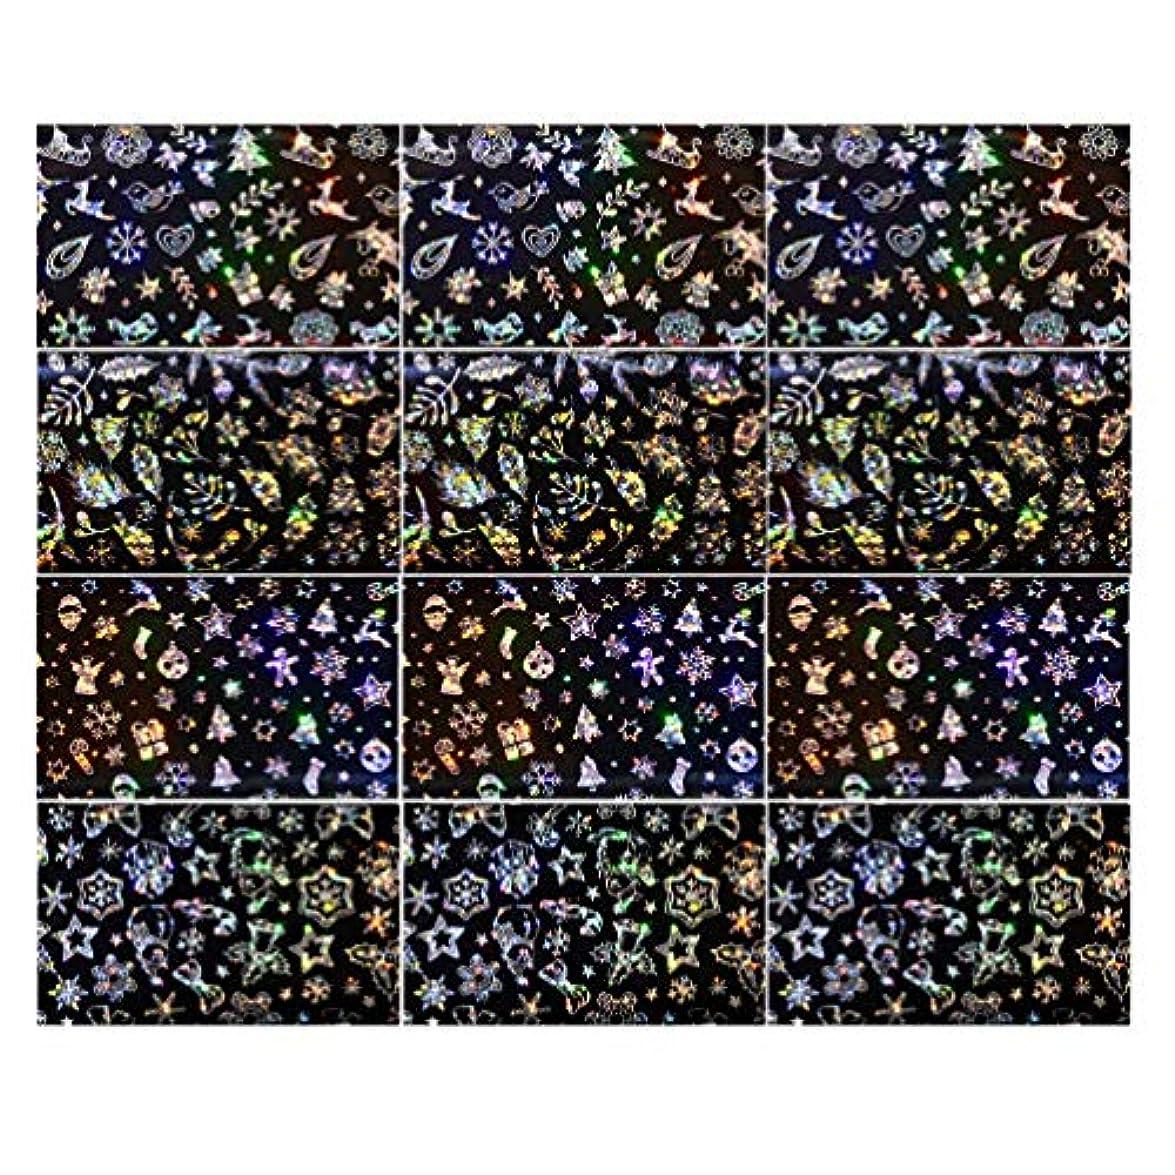 突き出す夜明け配置Lurrose 3セットクリスマスネイルステッカースノーフレークネイルタトゥーdiyネイルアート用女性マダムガールレディ